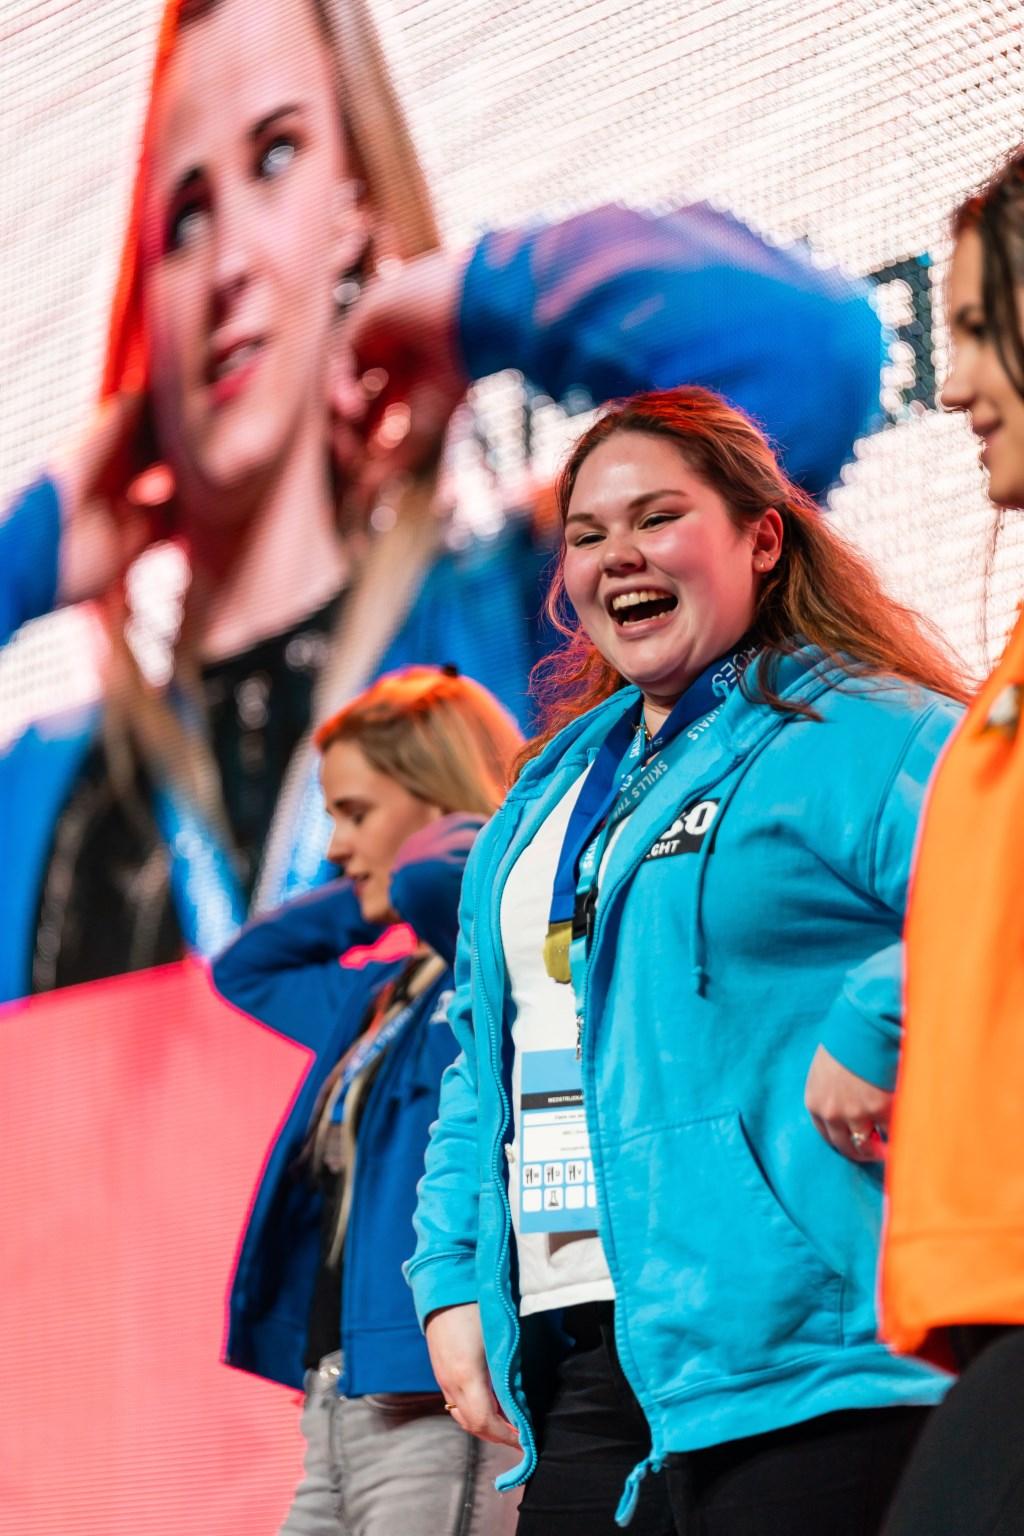 Claire MBO Utrecht wint goud op NK Skills  © Persgroep